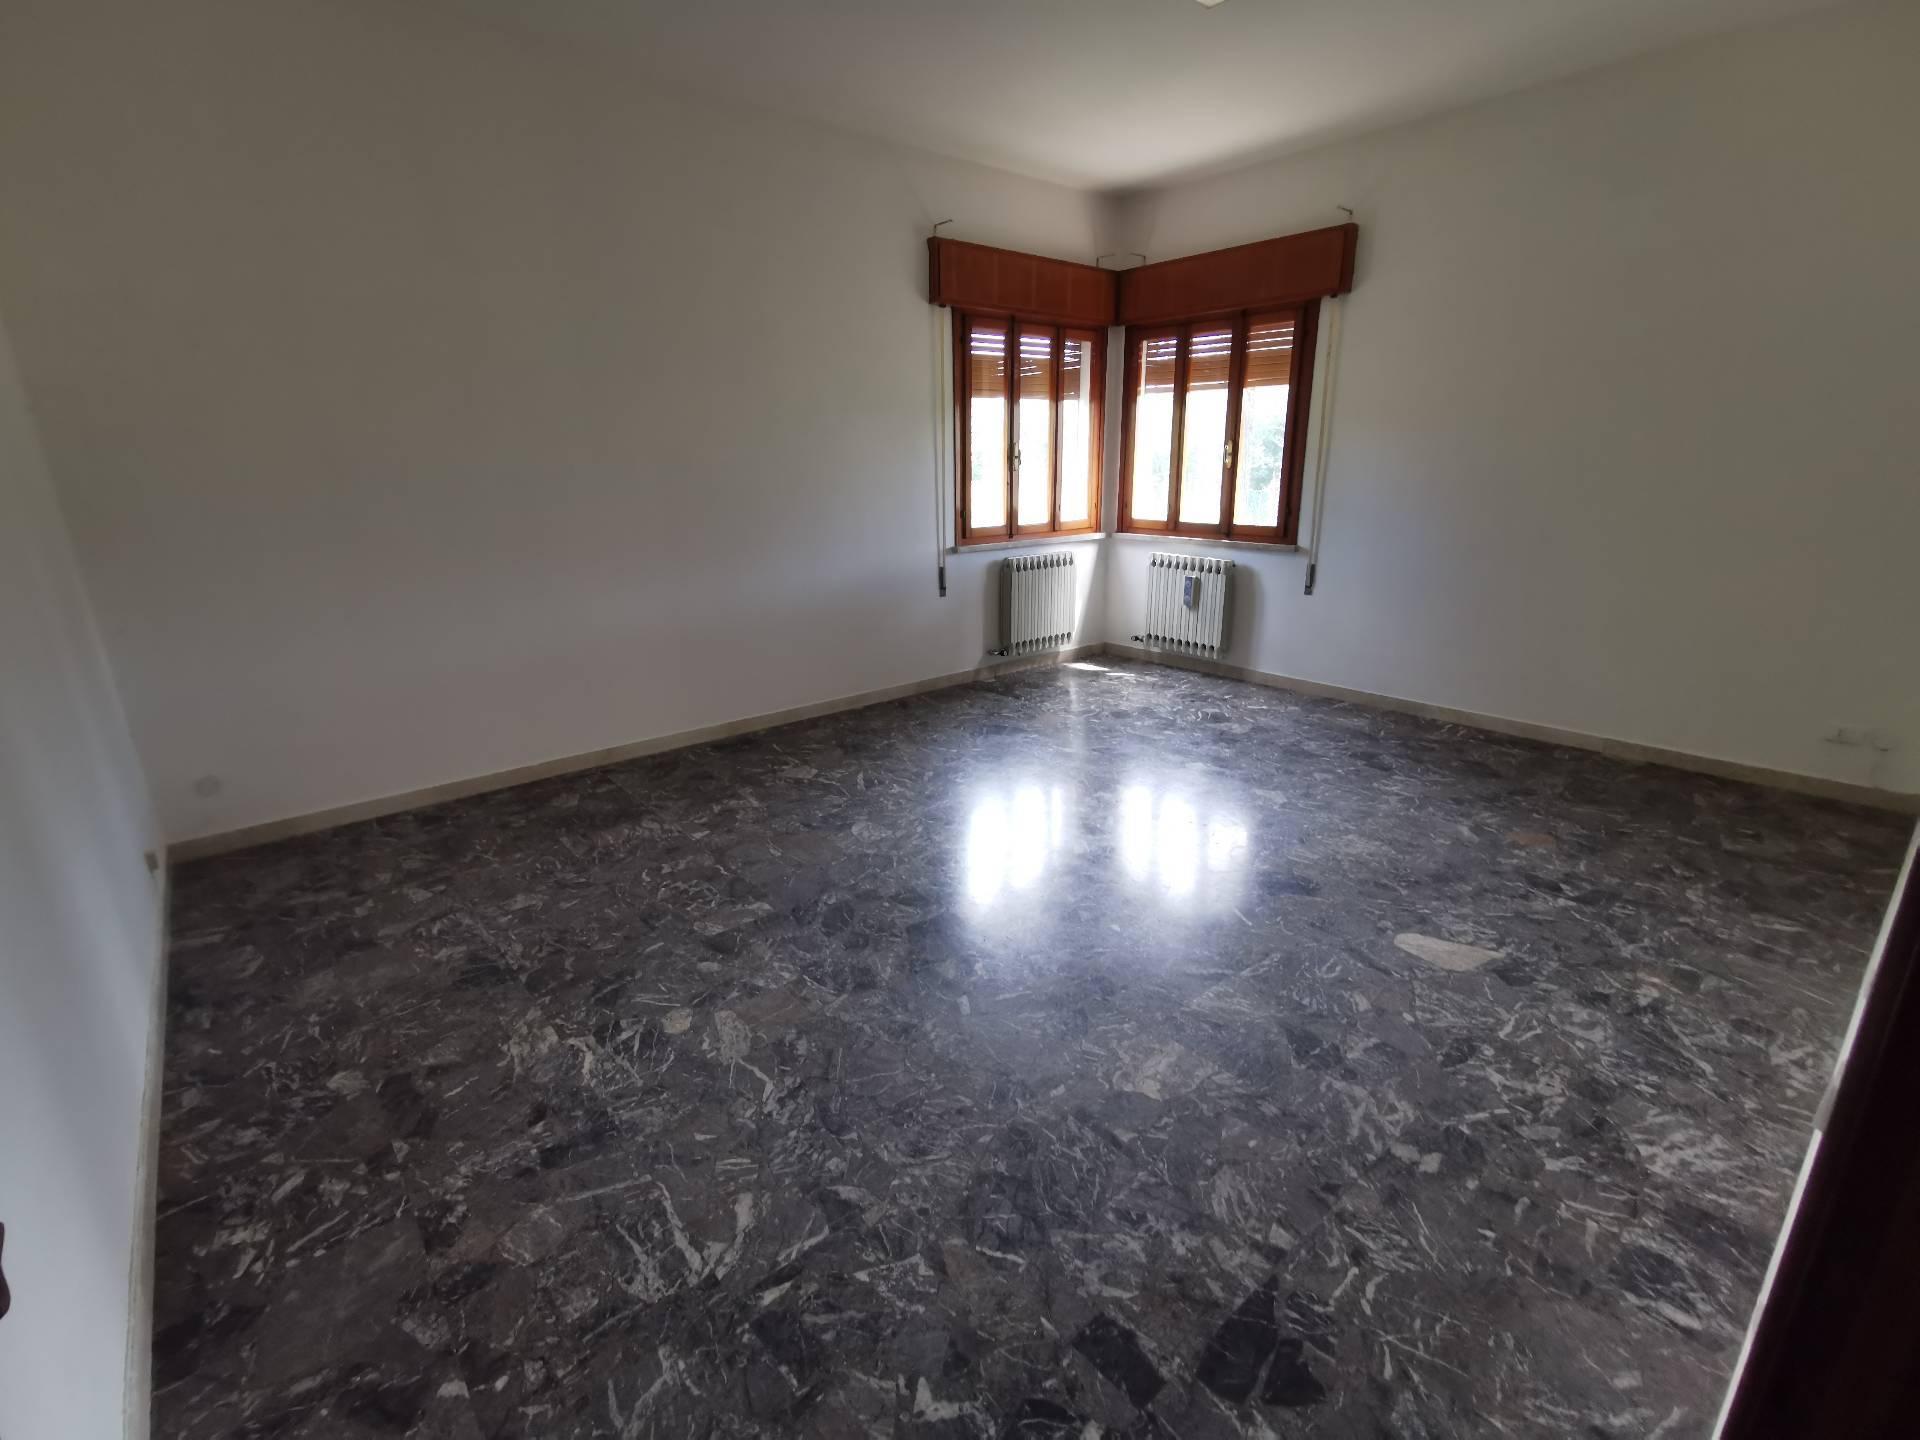 Ufficio / Studio in affitto a Casale sul Sile, 9999 locali, prezzo € 500 | CambioCasa.it